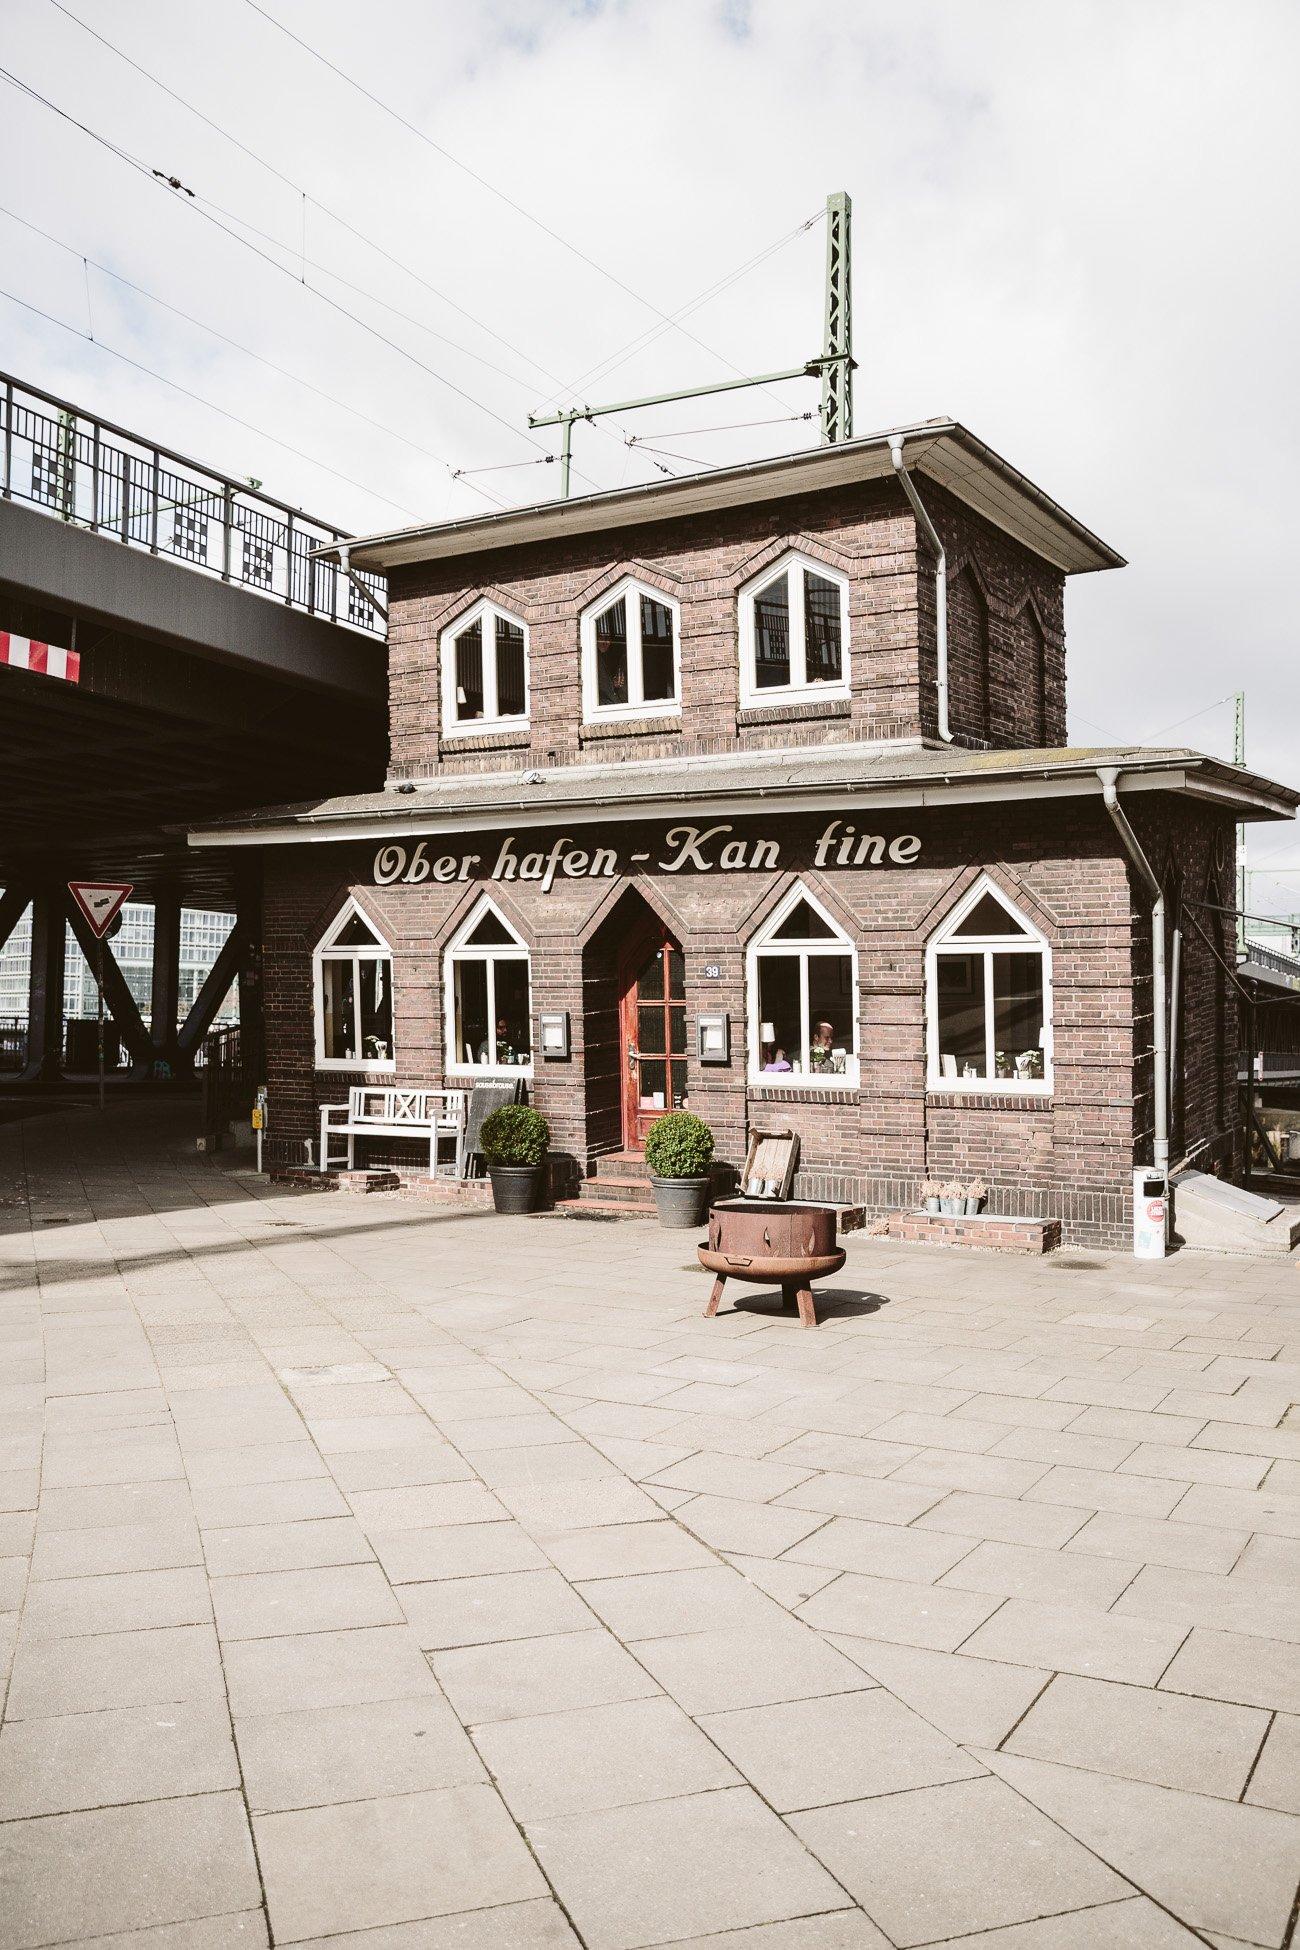 Oberhafenkantine Hamburg